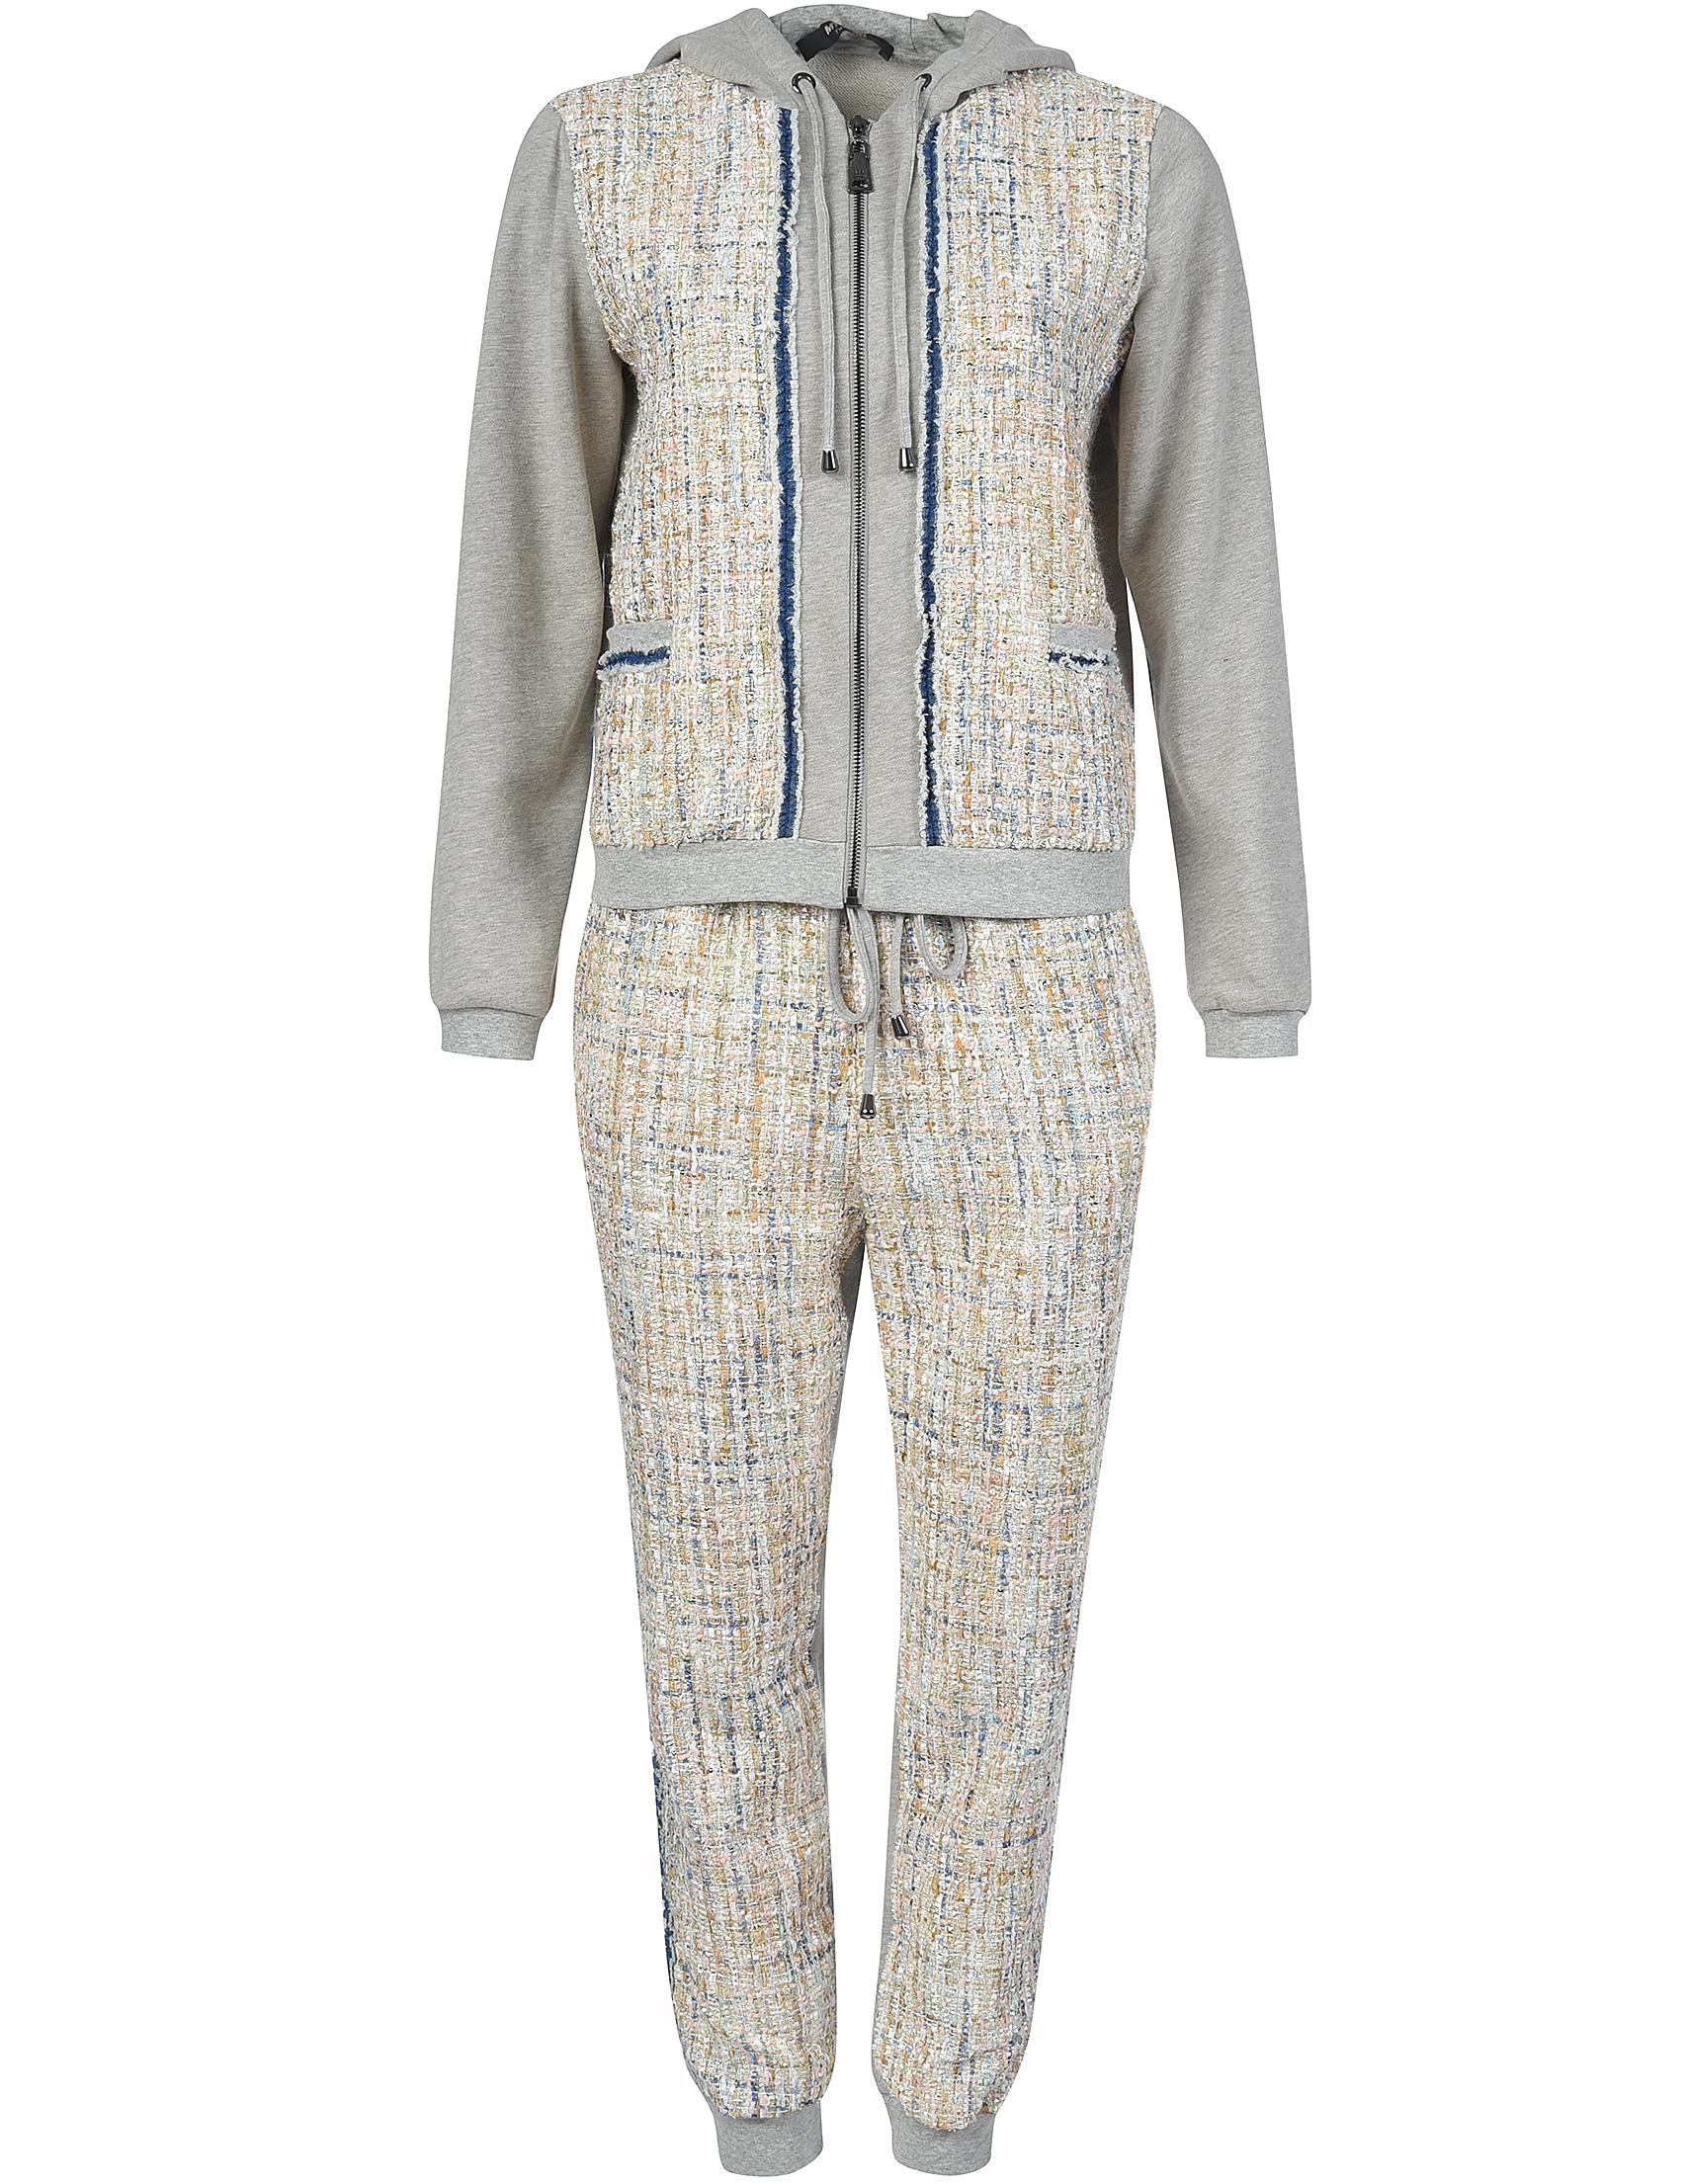 Купить Спортивный костюм, TWIN-SET, Серый, 72%Полиэстер 11%Хлопок 10%Вискоза 4%Акрил 3%Полиамид;100%Хлопок, Осень-Зима